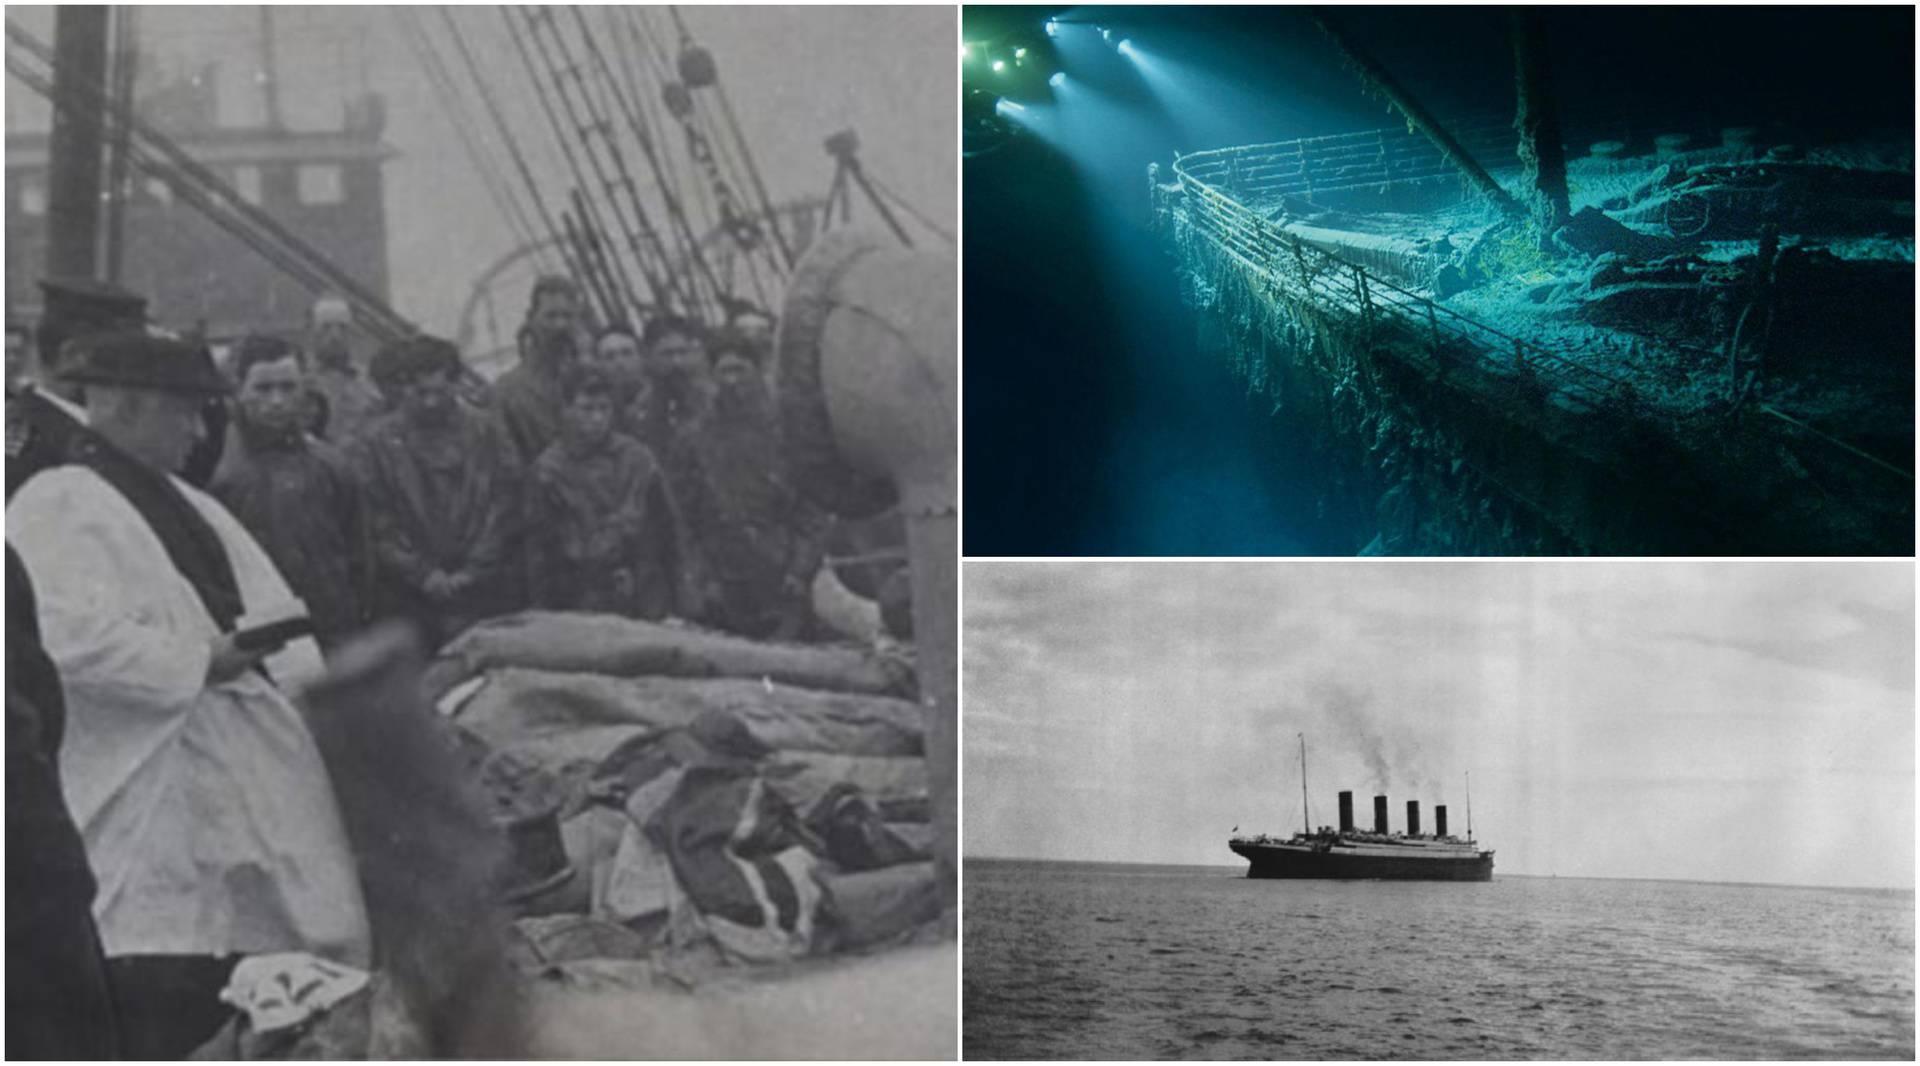 Tajna čuvana 100 godina: Što su radili s tijelima s Titanika bolje da nikada nismo ni saznali...